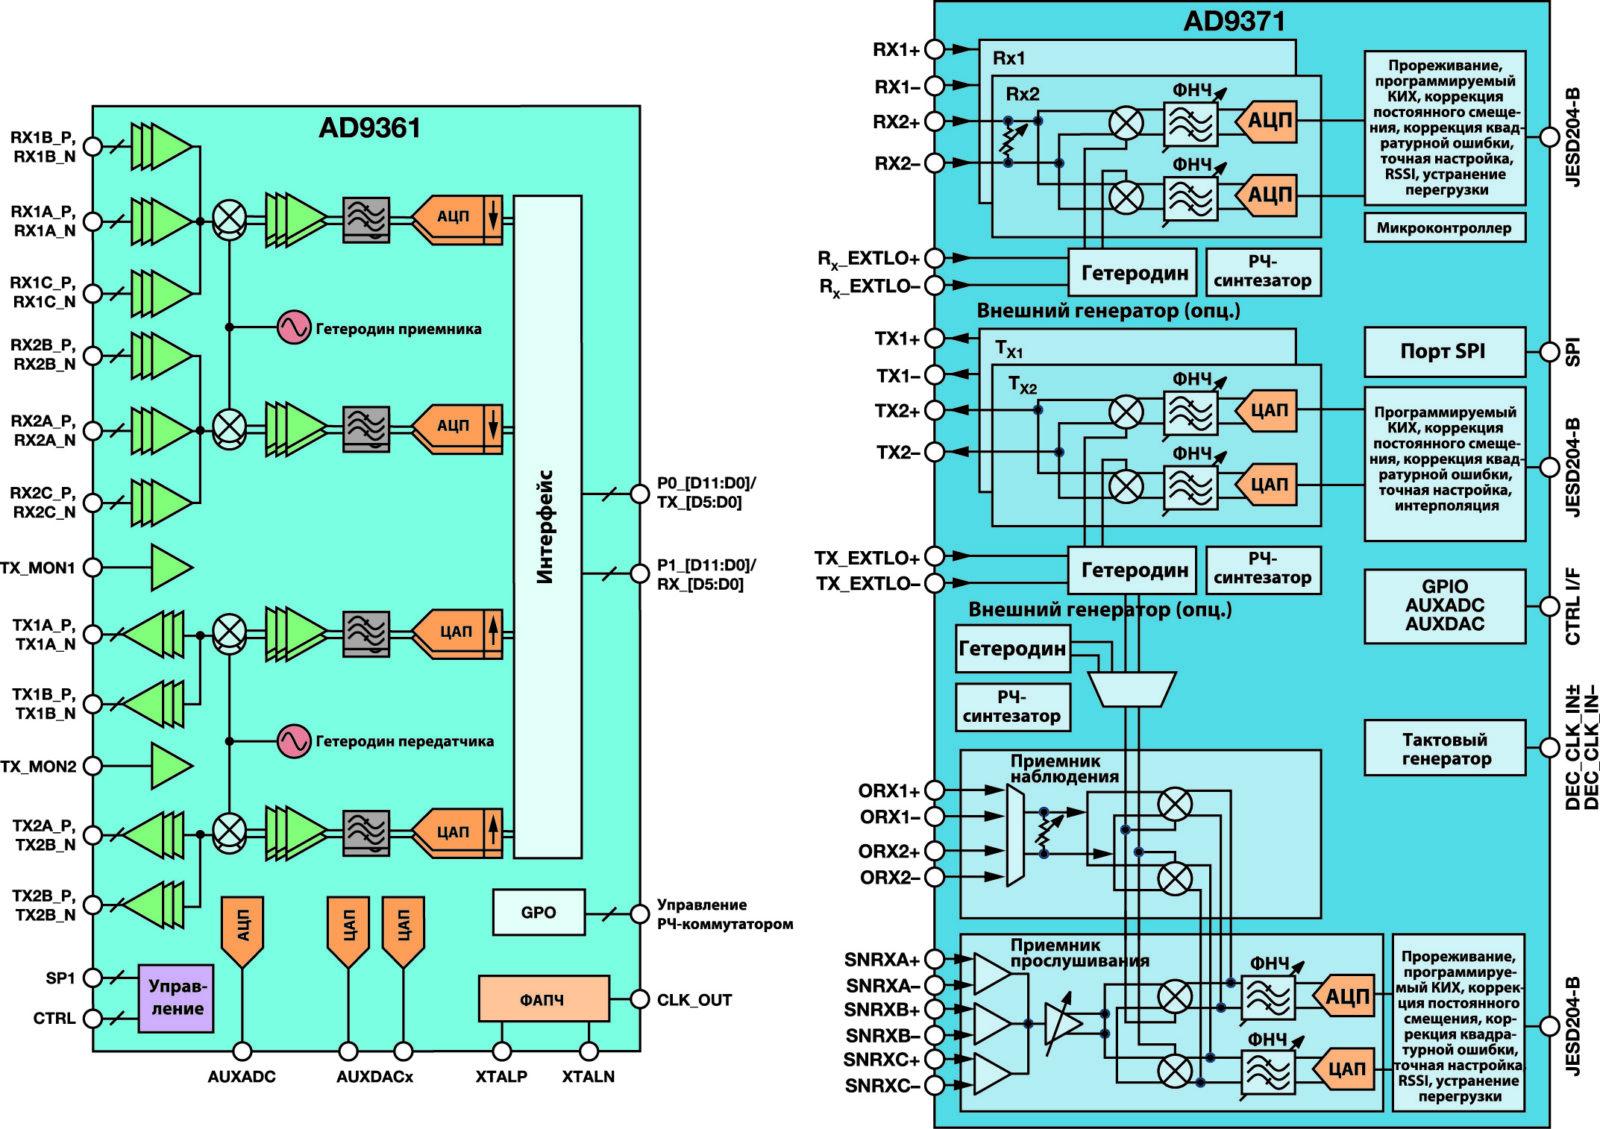 Структурная схема ИС радиотрансиверов прямого преобразования AD9361 и AD9371